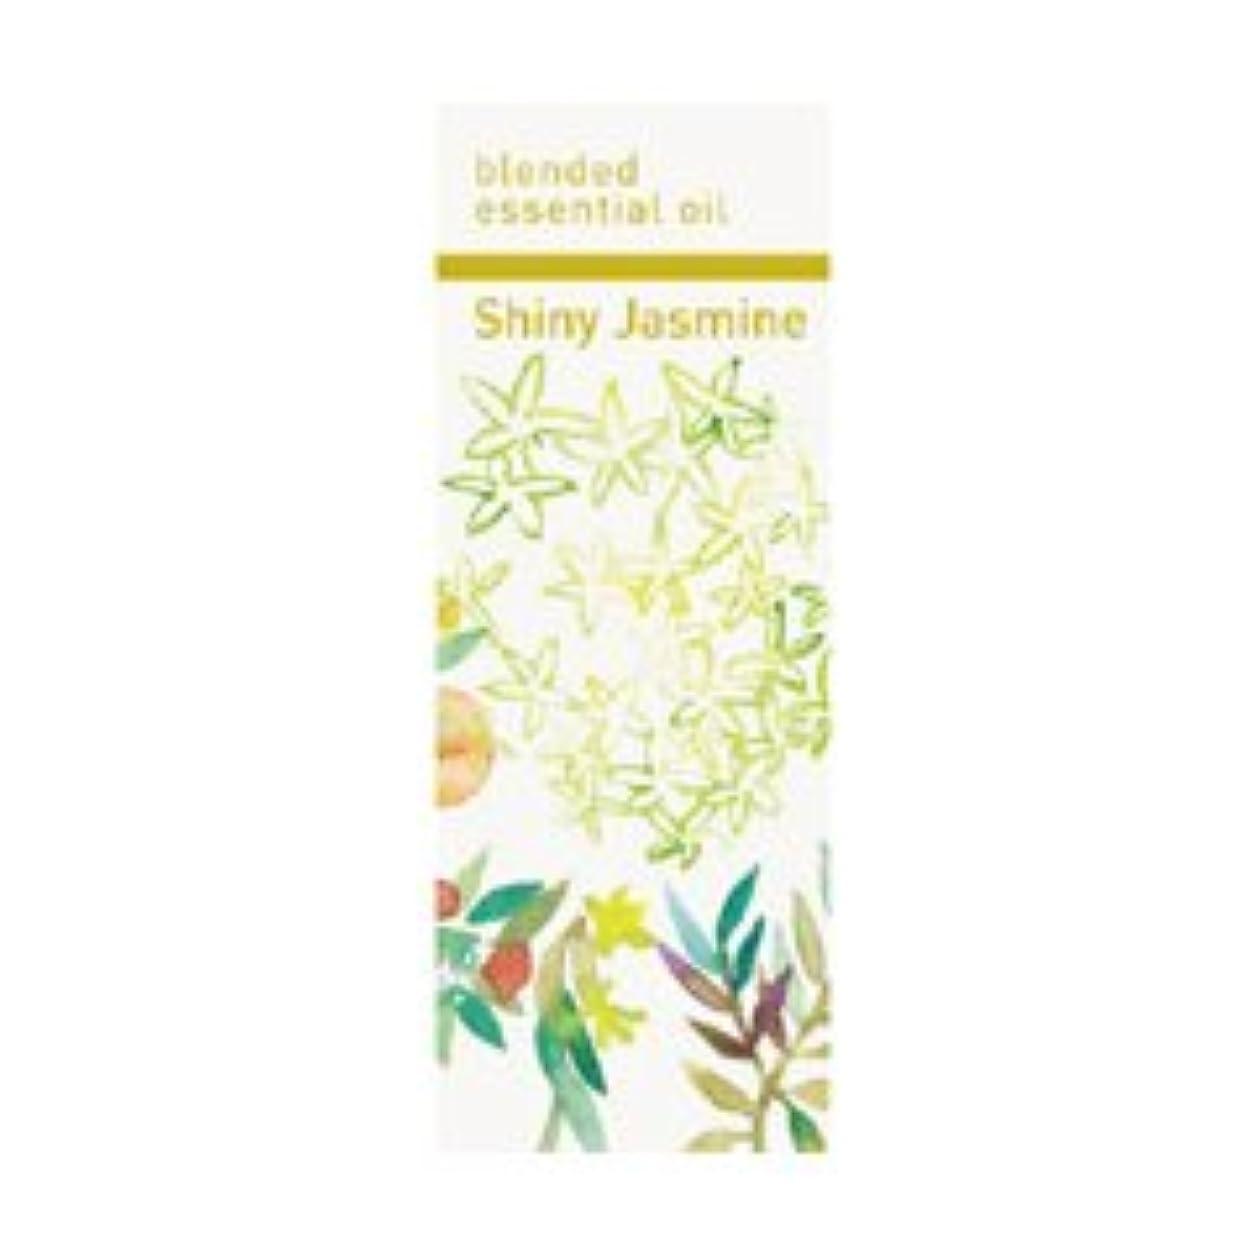 遅いシフトかなりの生活の木 ブレンドエッセンシャルオイル シャイニージャスミン [30ml] エッセンシャルオイル/精油